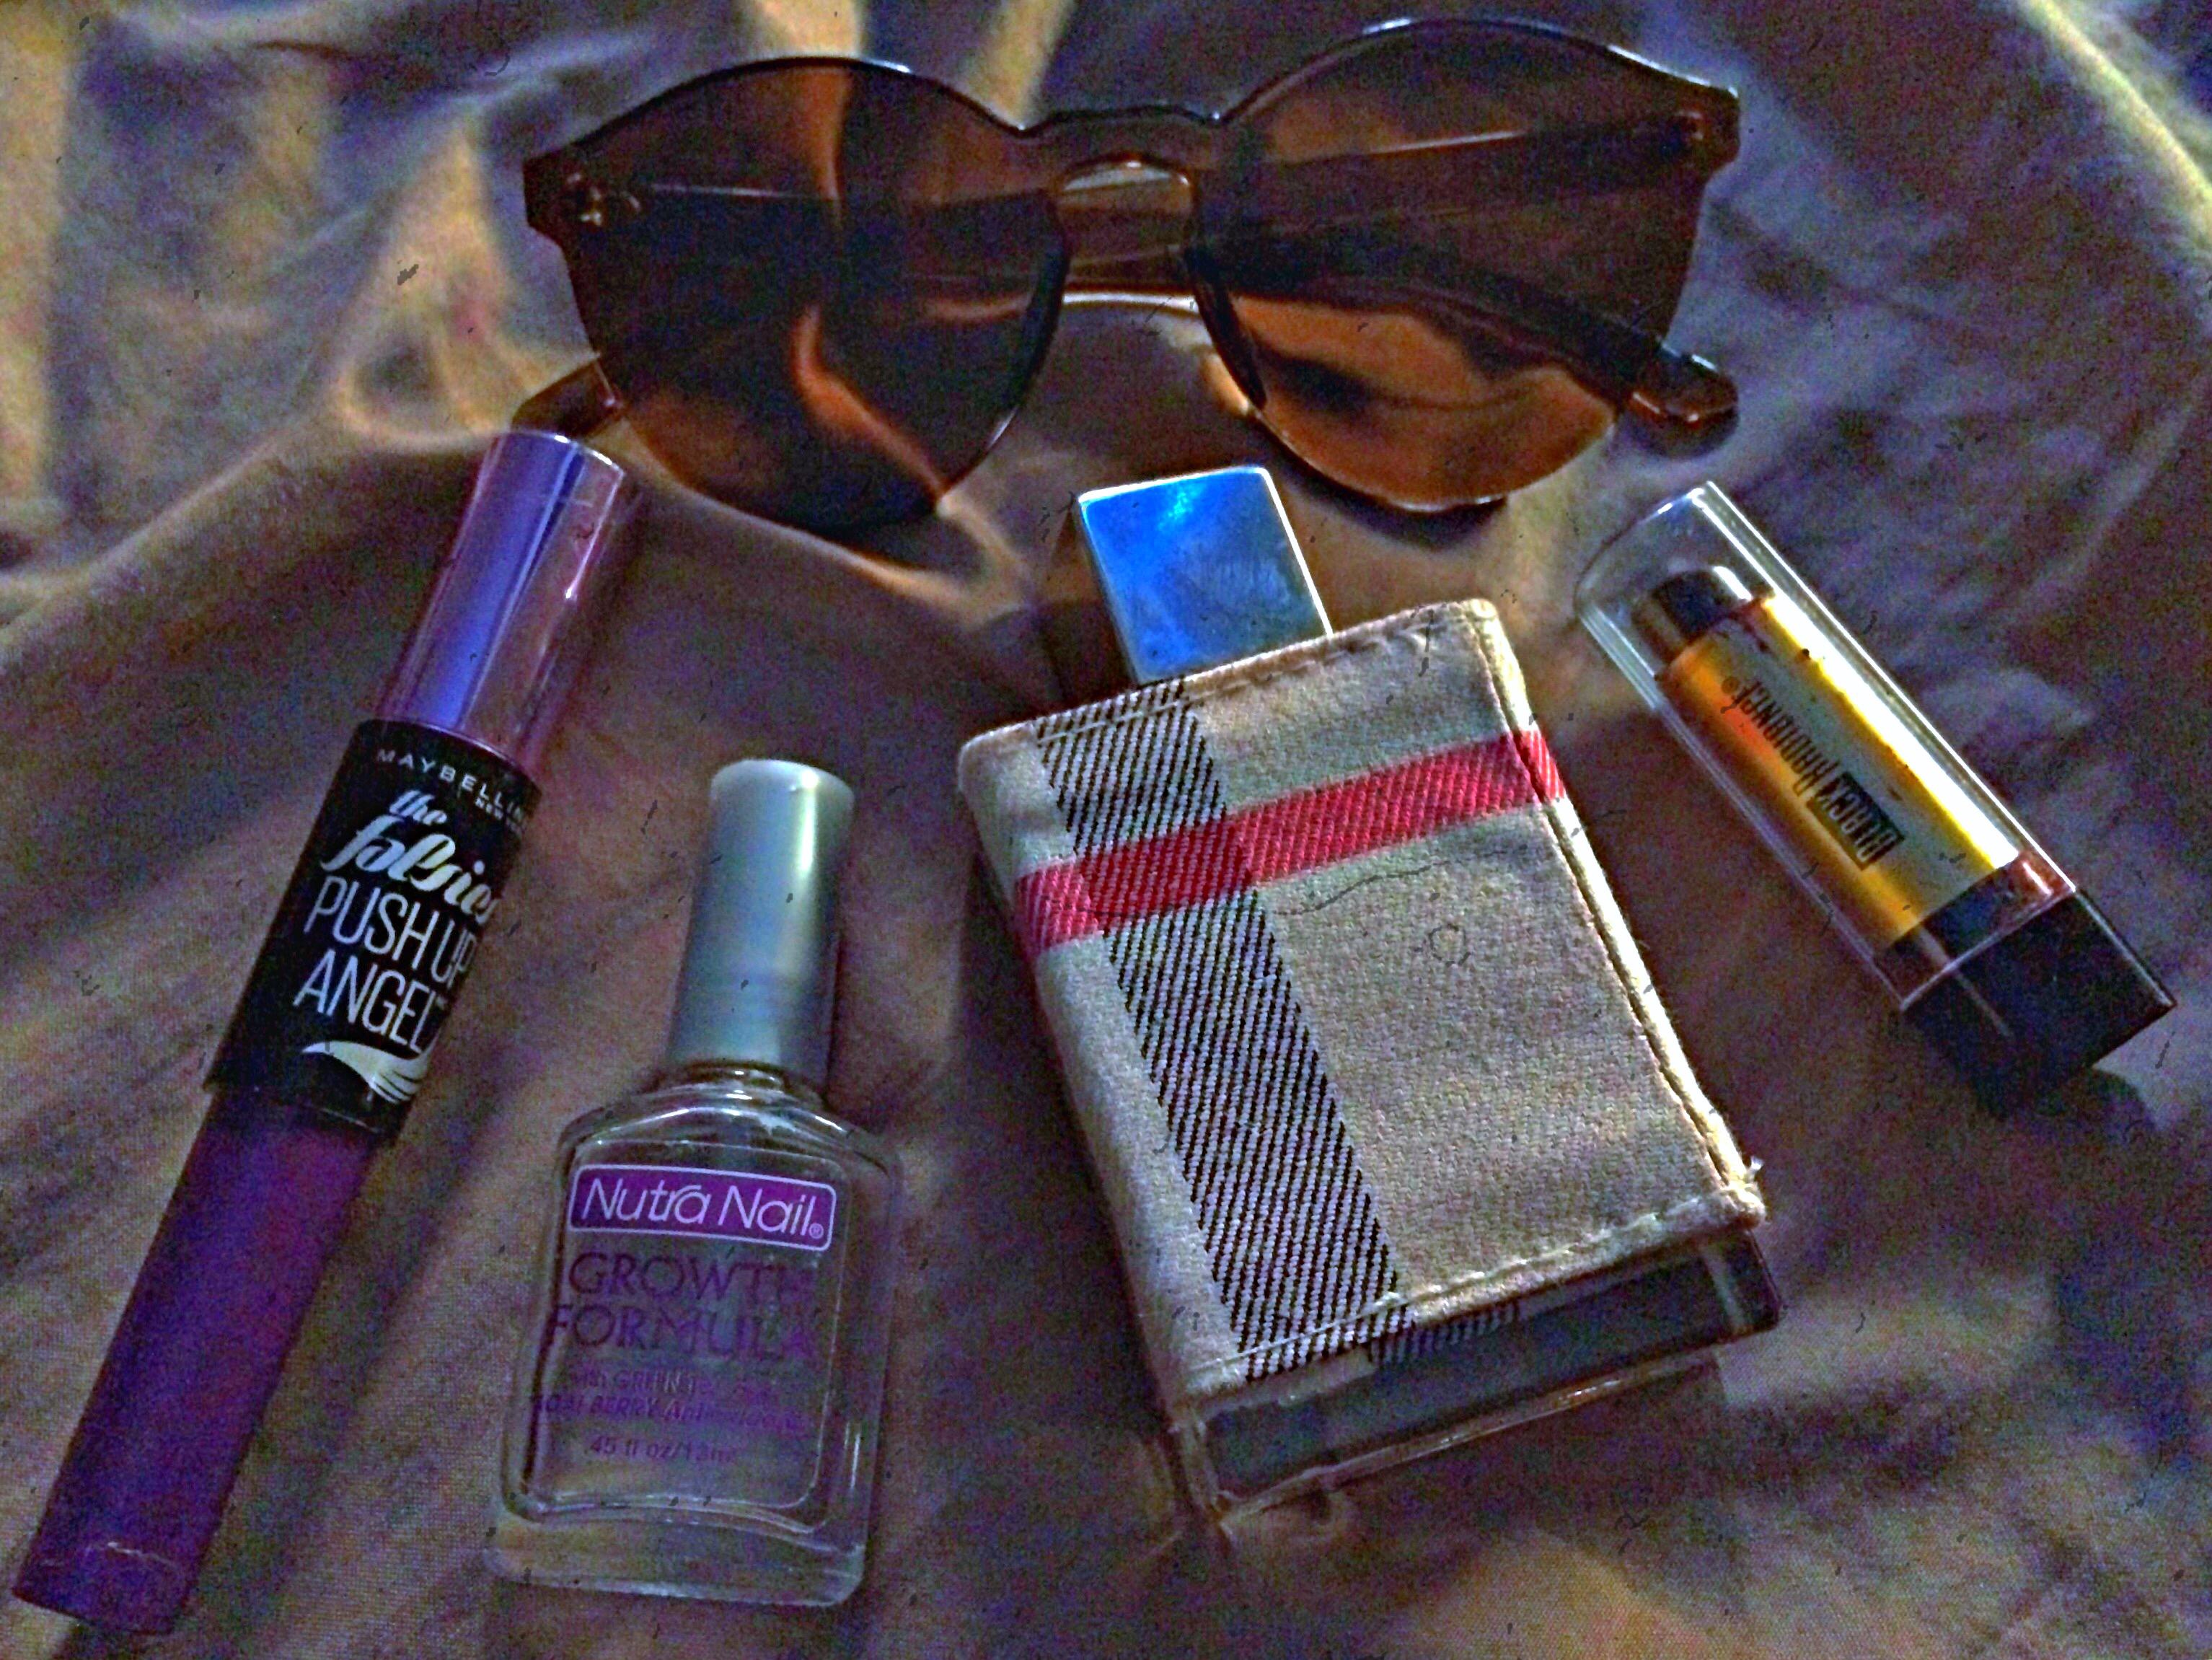 Burberry London Eau de Parfum Spray uploaded by jessica j.